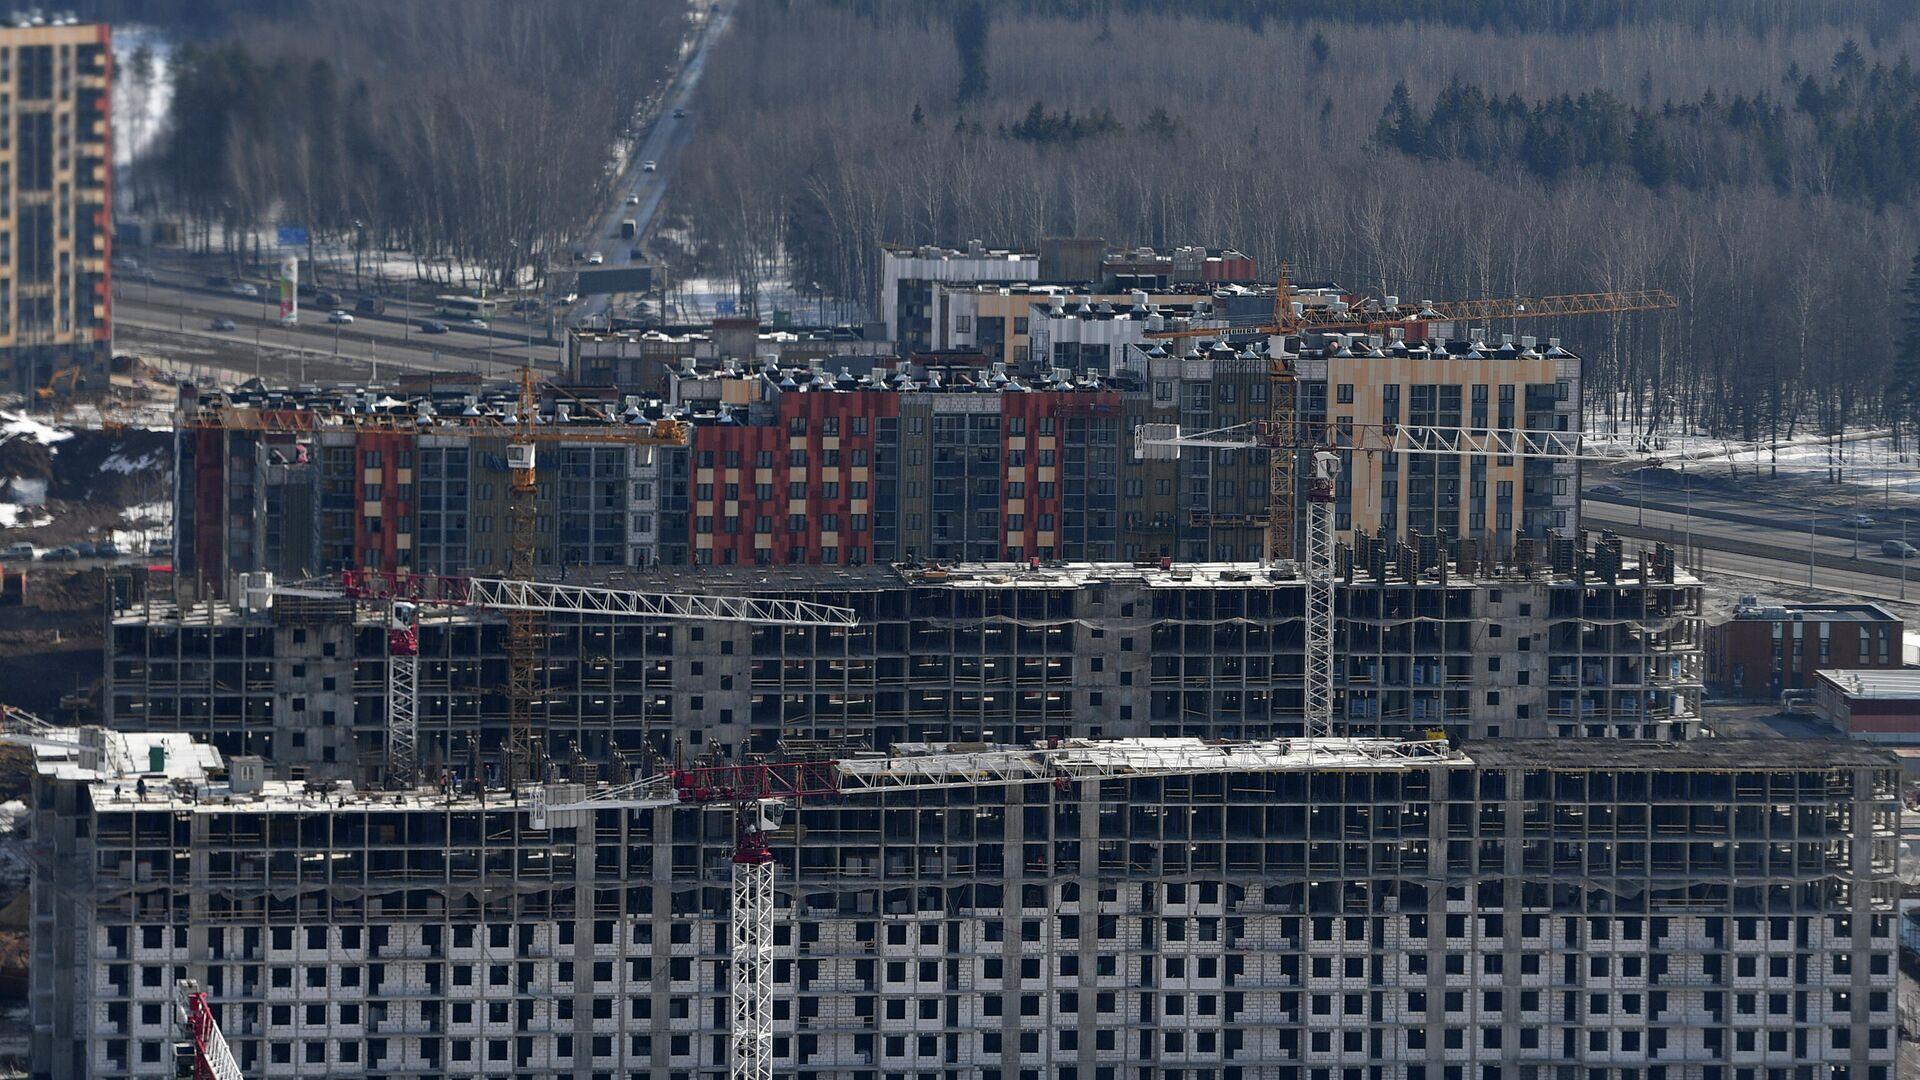 Строительство жилья - РИА Новости, 1920, 08.04.2021